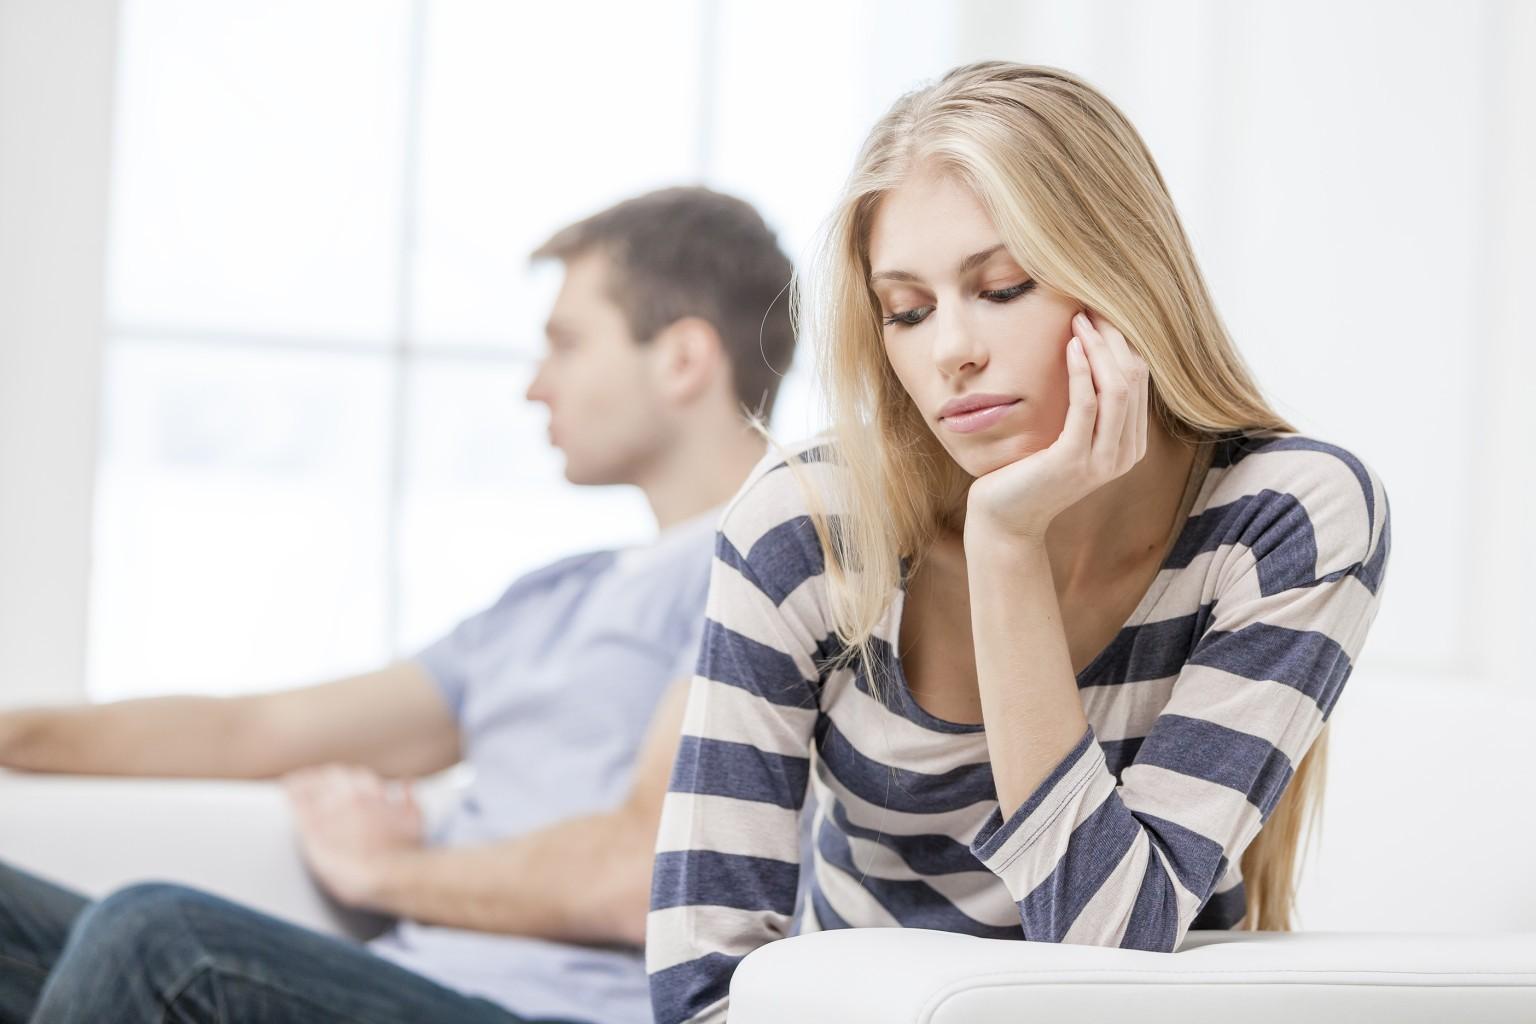 mit tegyek, ha az ex a barátoddal randiz beszélő randevú különbség